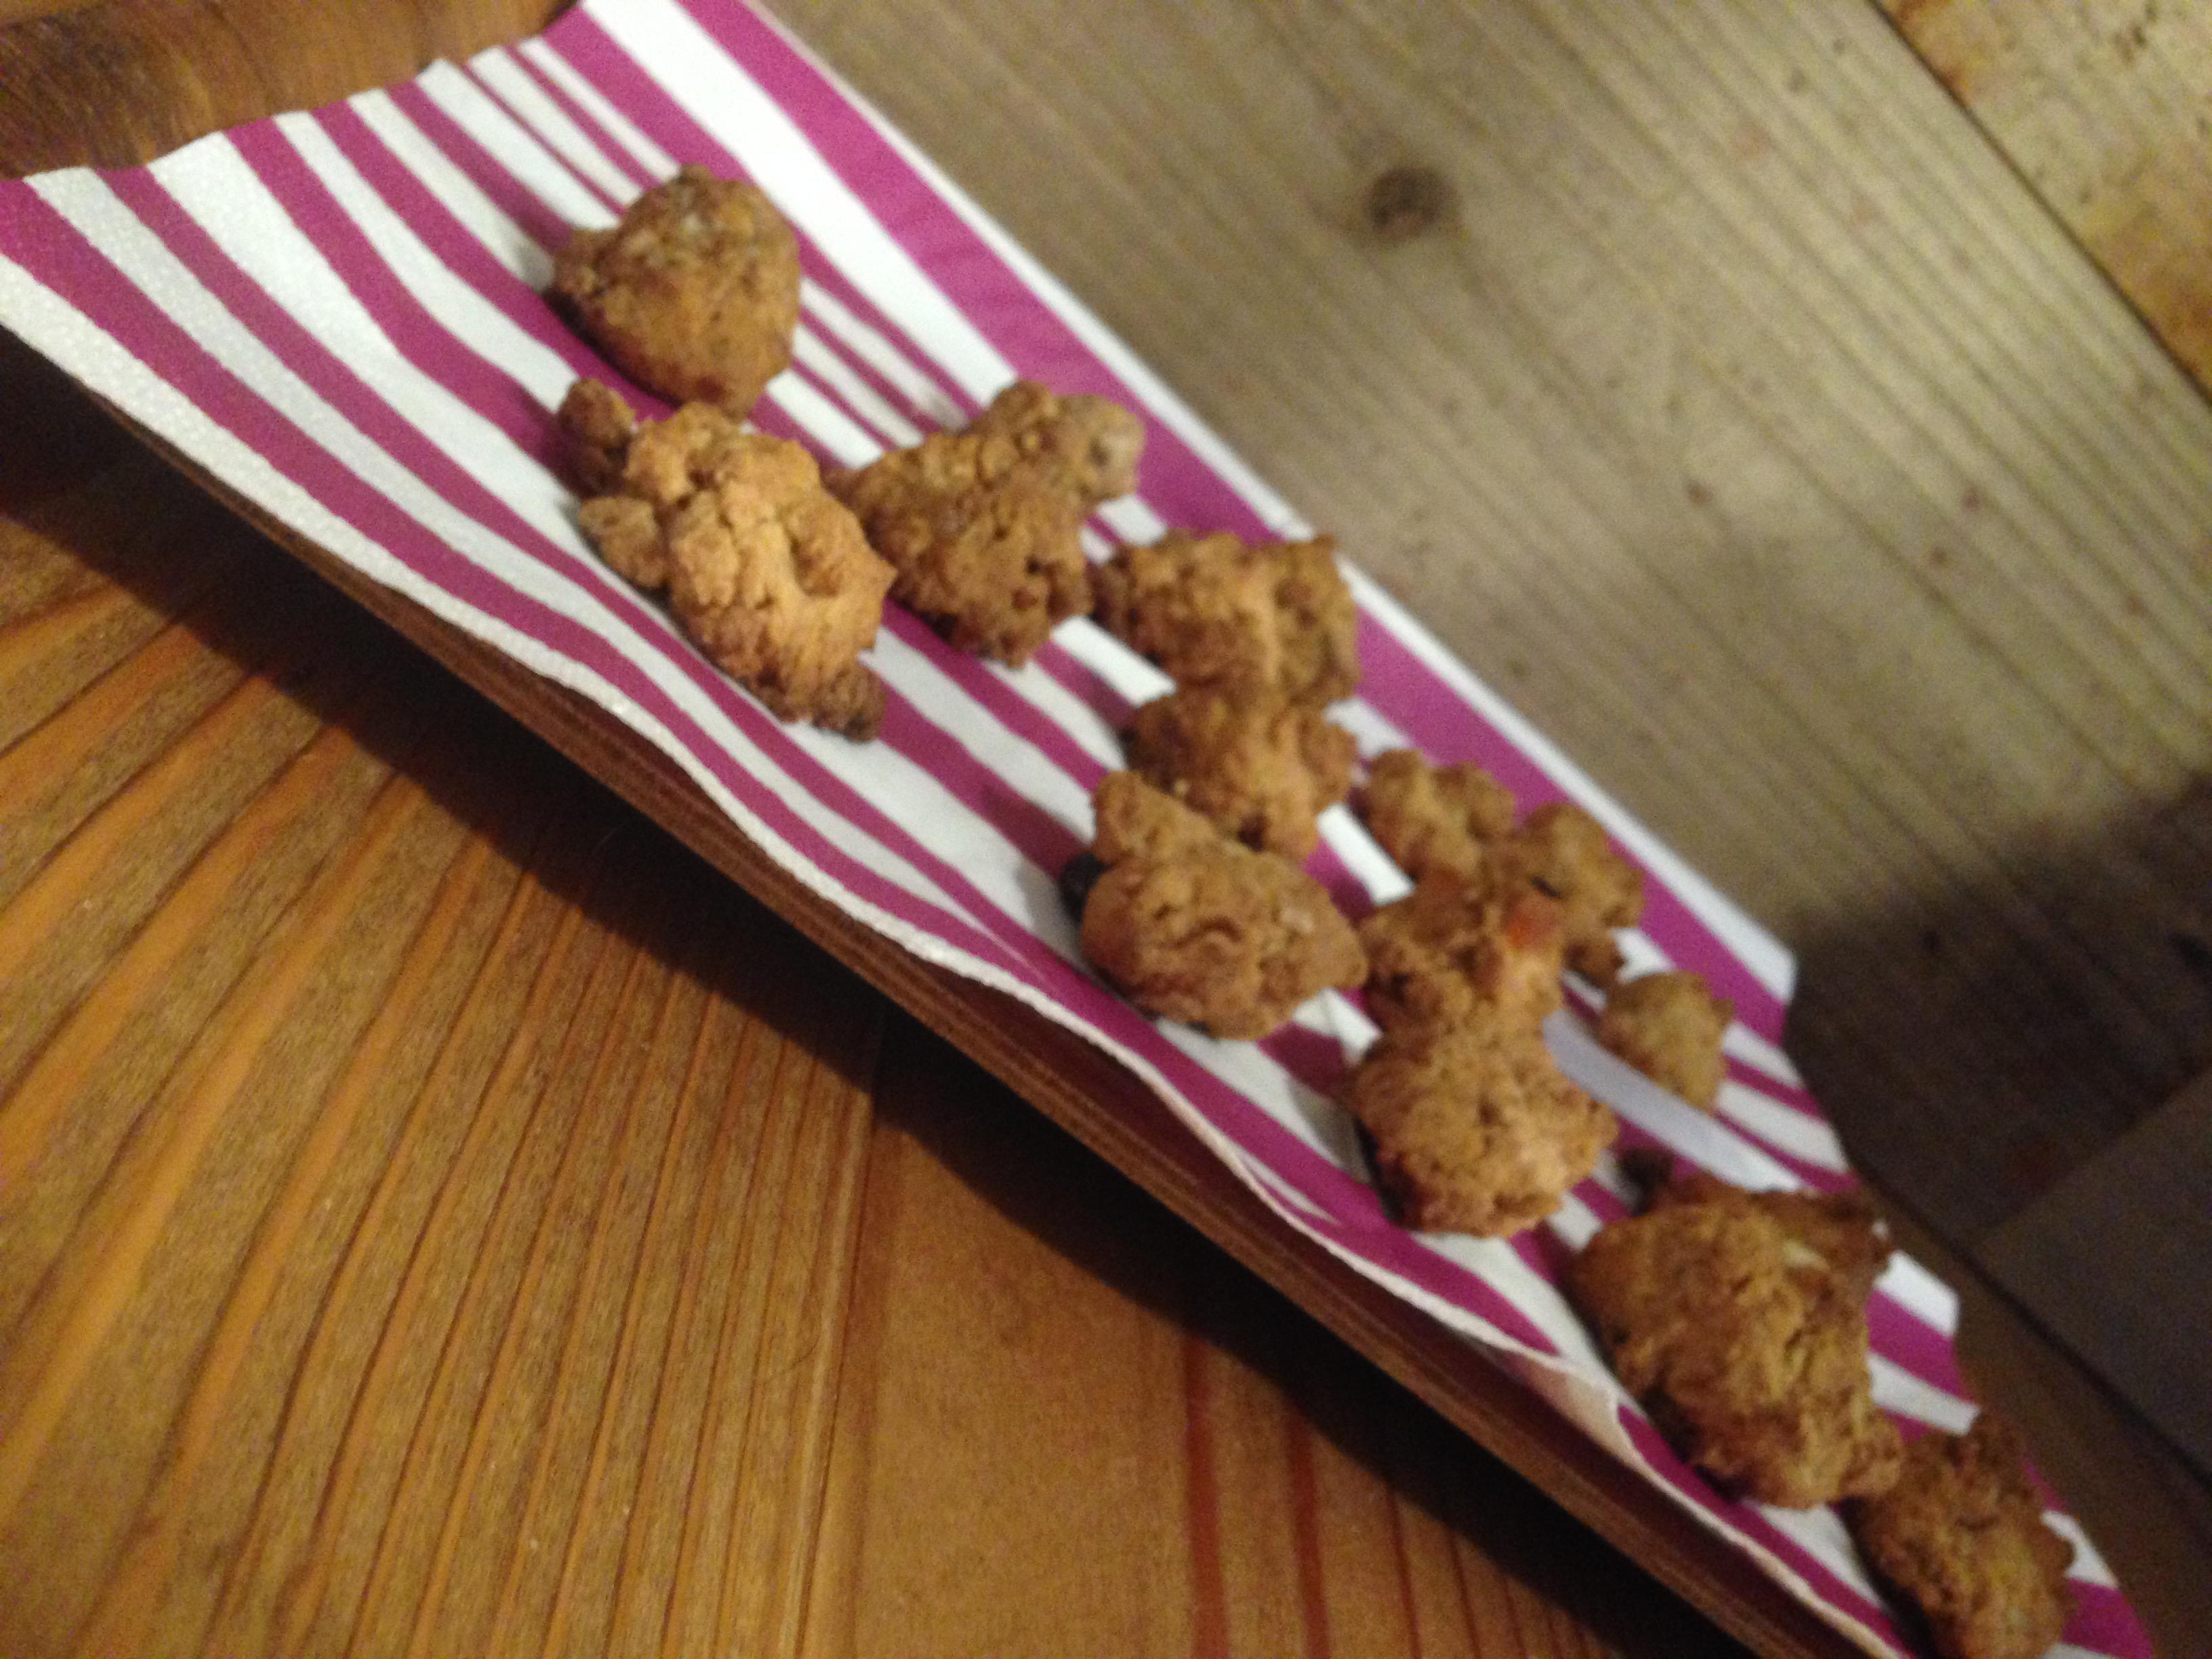 【卵・乳・小麦不使用】1個で満足感たっぷり!な米粉グラノーラクッキーのレシピ